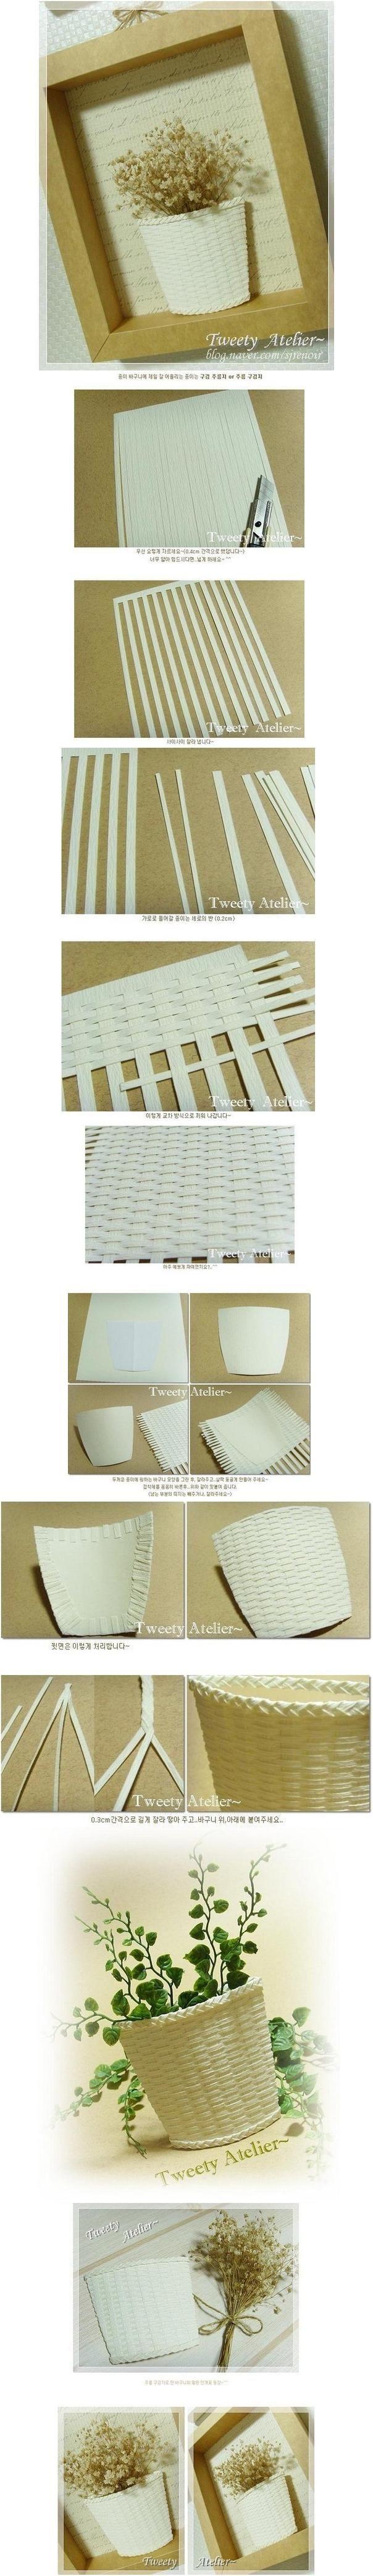 best  paper pot ideas on pinterest  toilet paper dispenser  - diy paper pot decoration